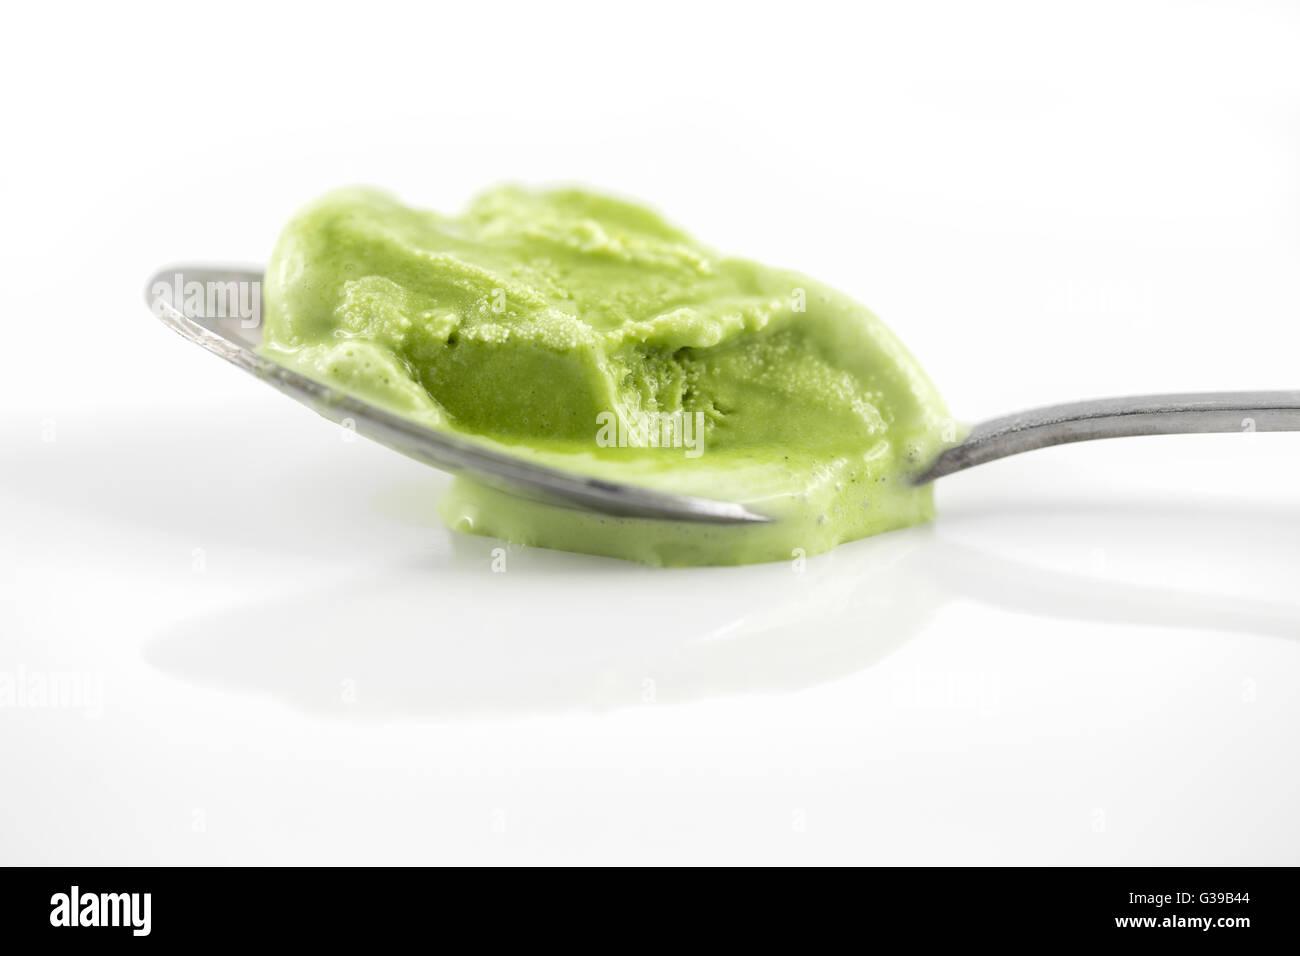 Konzentrieren Sie in der Nähe sich auf grüner Tee-Eis schmelzen auf TL welche glänzende weiße Stockbild